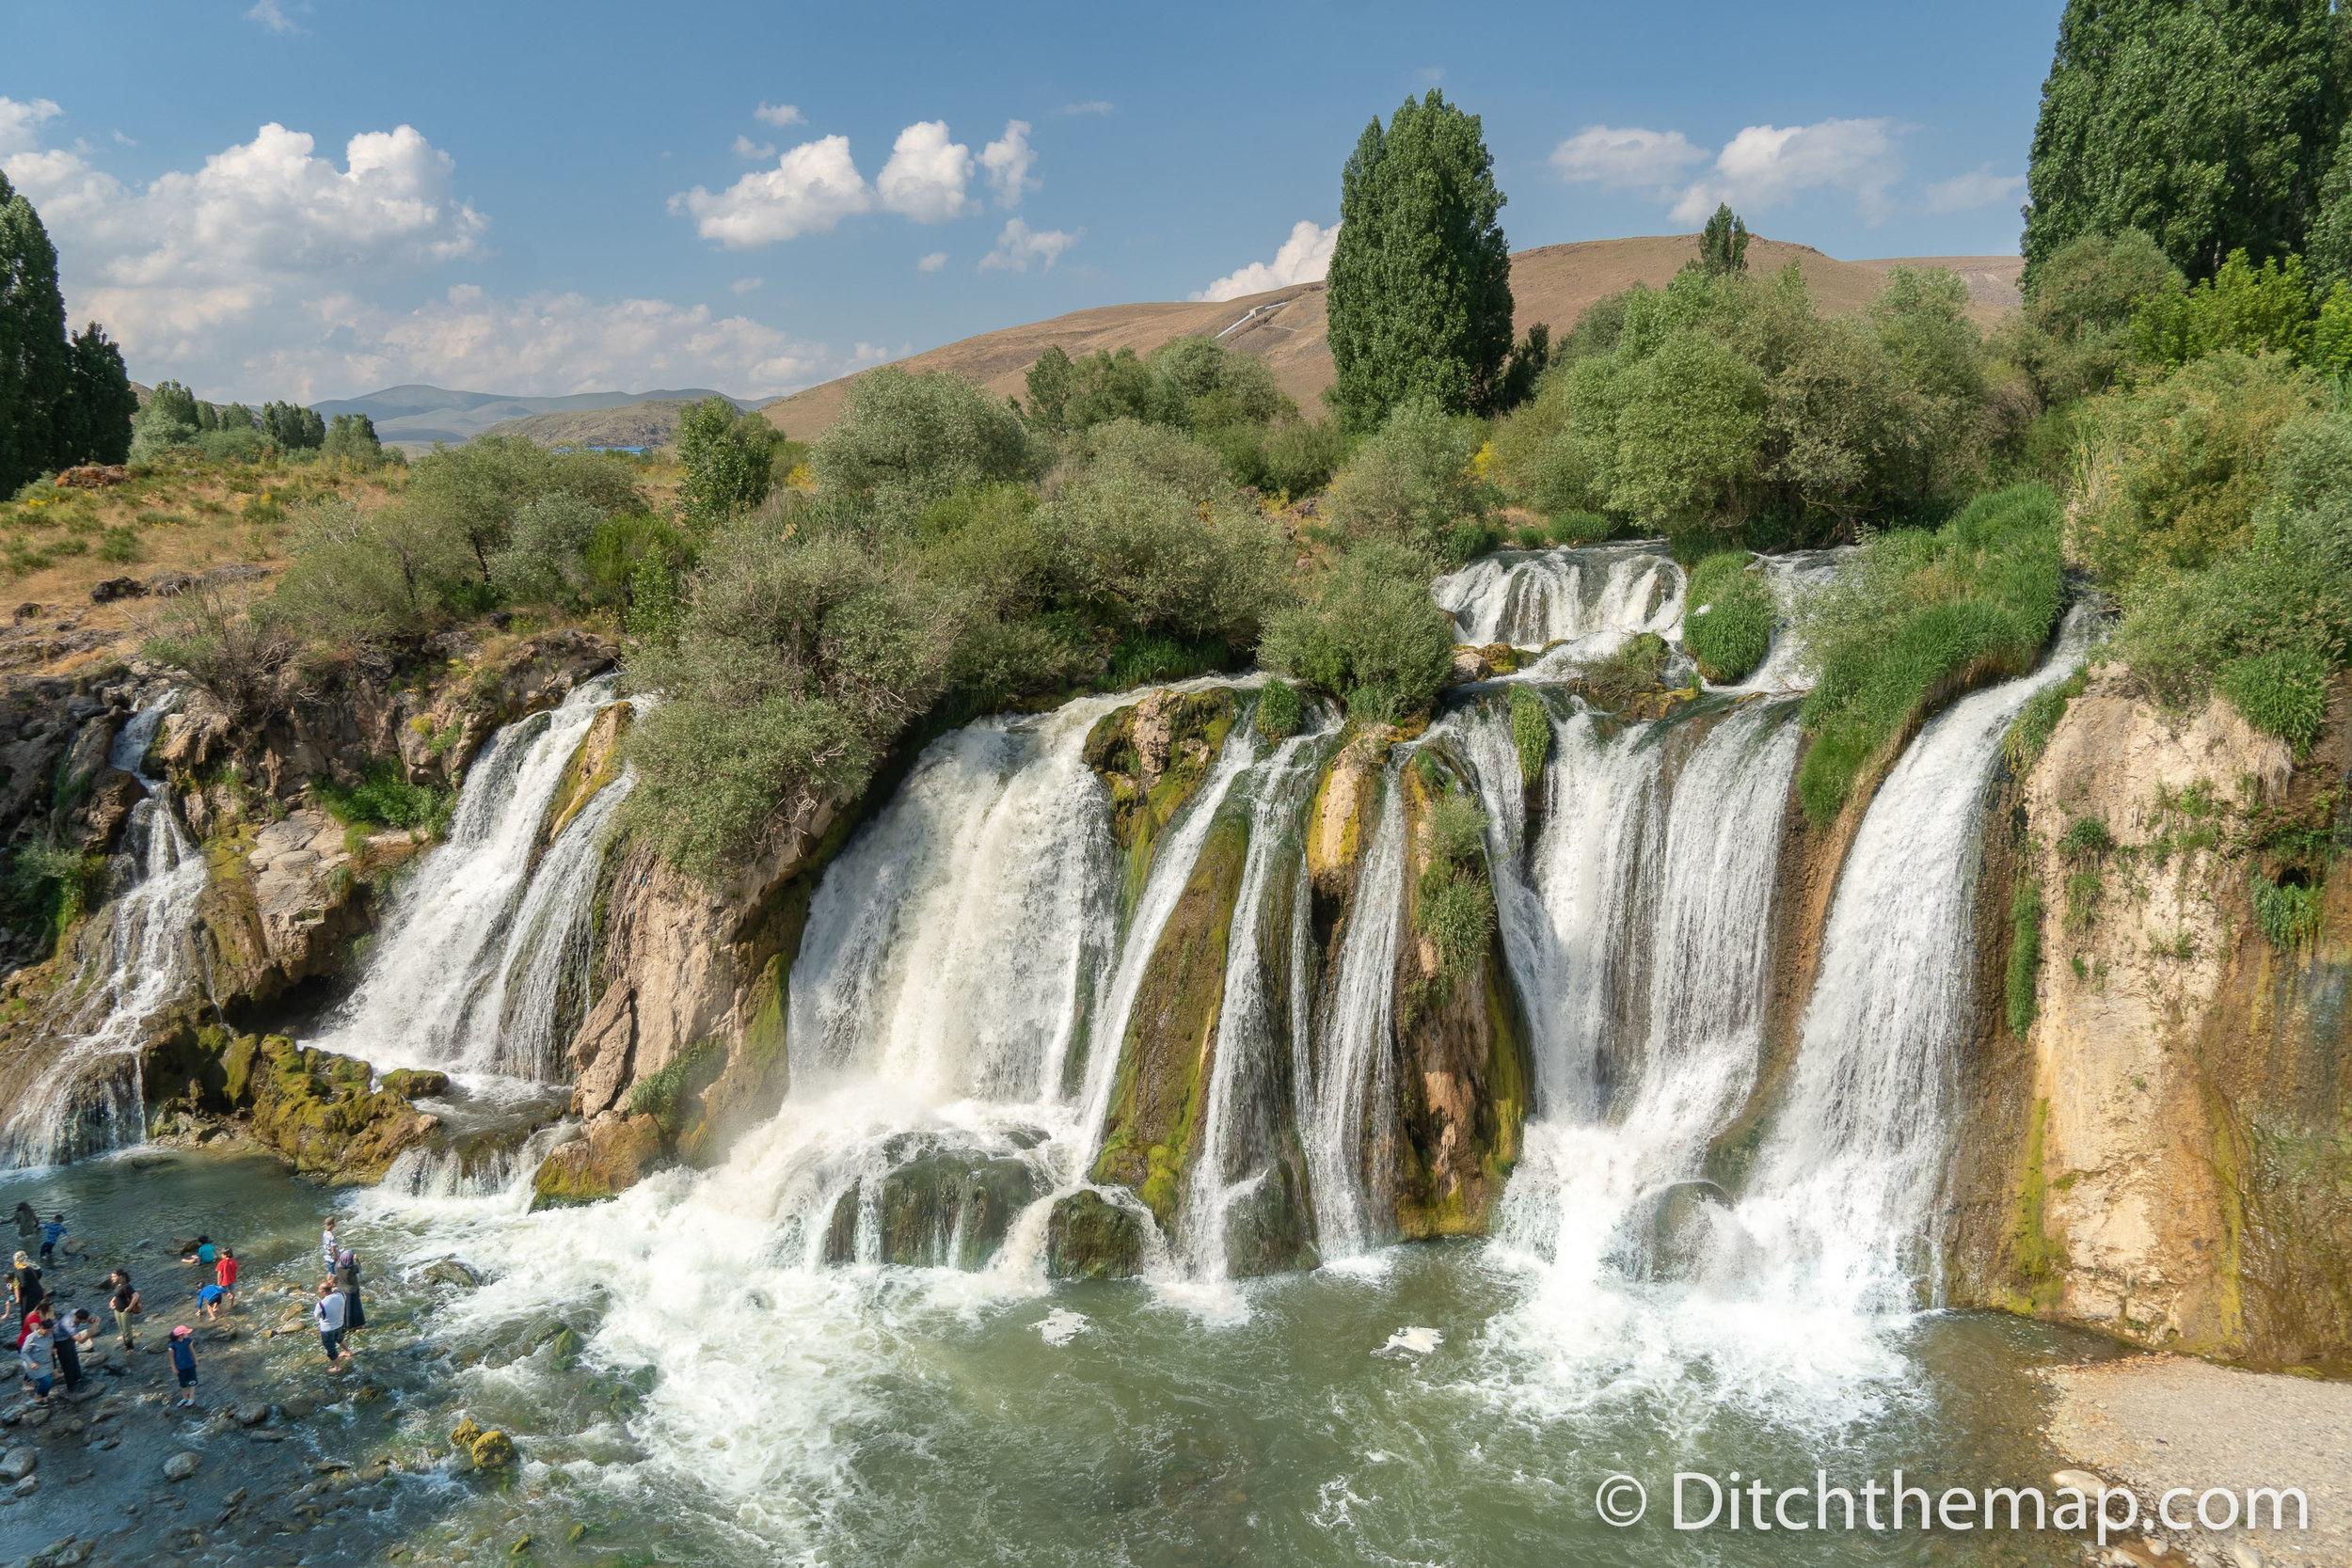 Muradiye Selalesi Waterfall 20 miles from the Iran Border near Van, Turkey